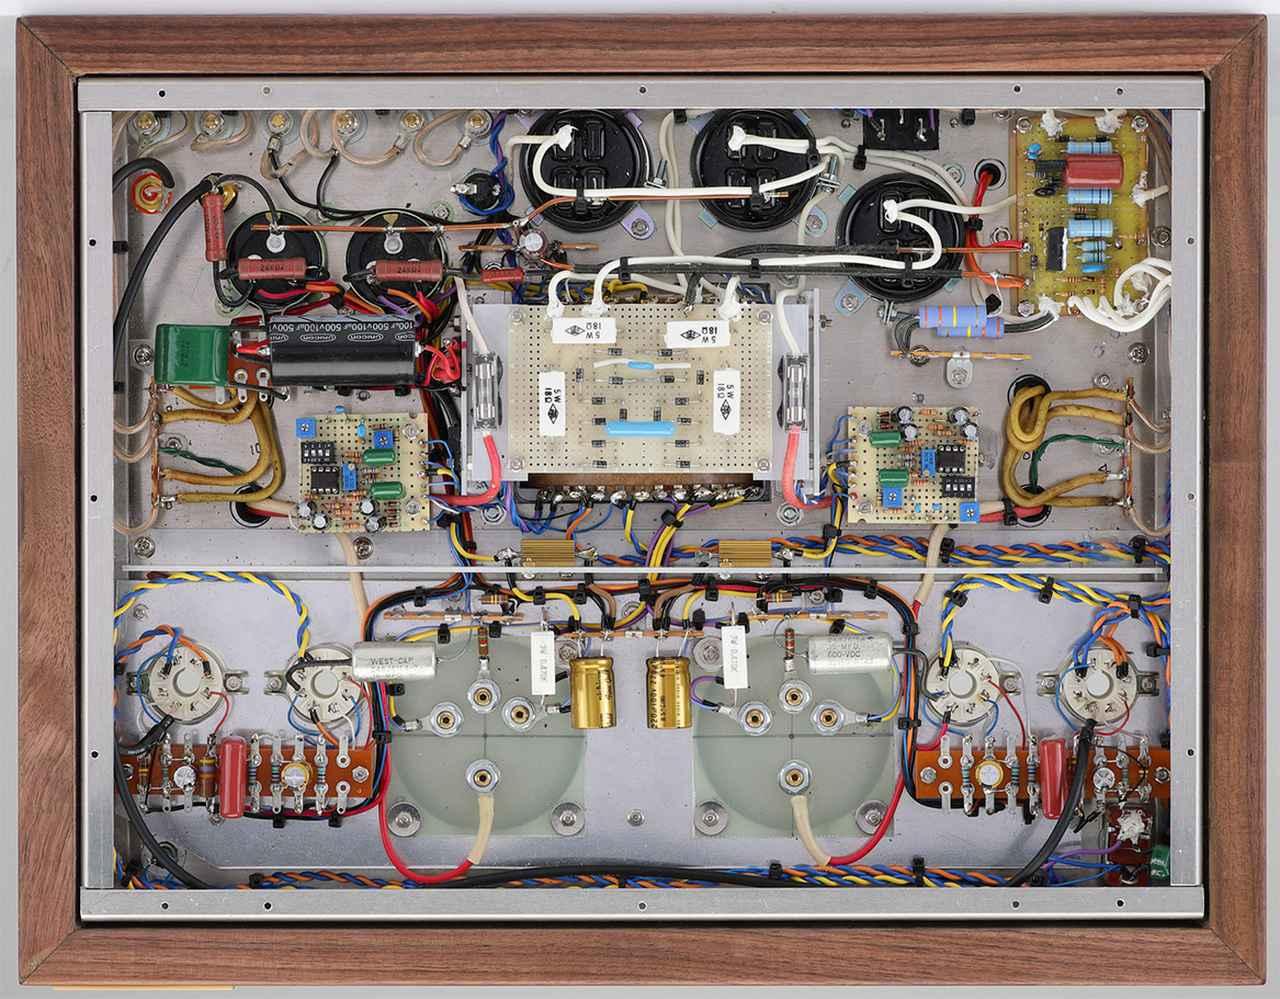 画像: 底板を外した内部。一部に基板を用いるが基本は手配線による製作。アース線に銅パイプを使用し、パーツ面では箔巻きコンデンサーやWEST-CAPのオイルコンデンサーなどを採用。